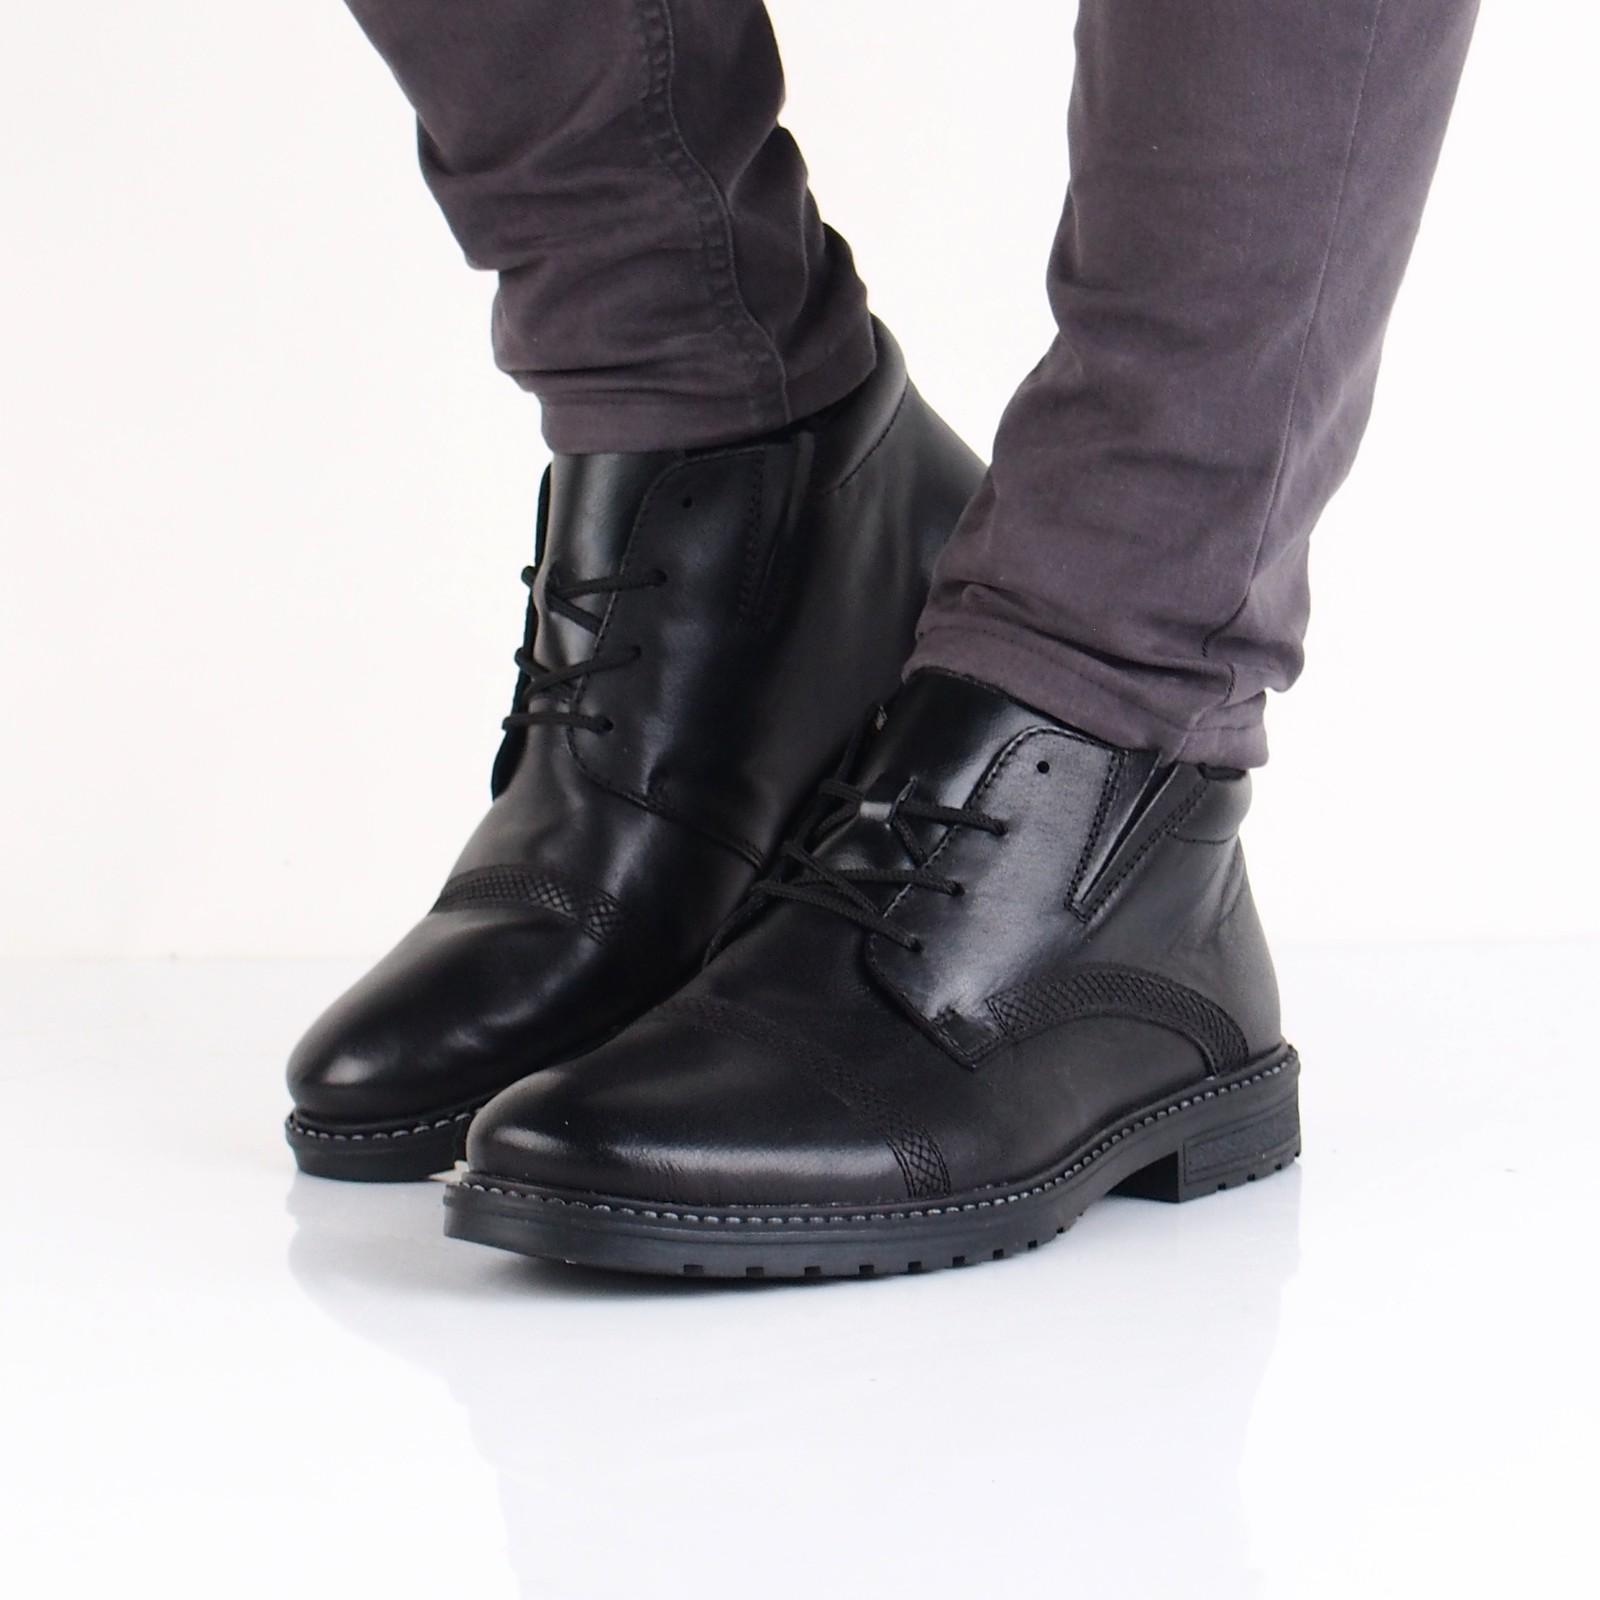 Rieker pánska kožená zateplená členková obuv - čierna